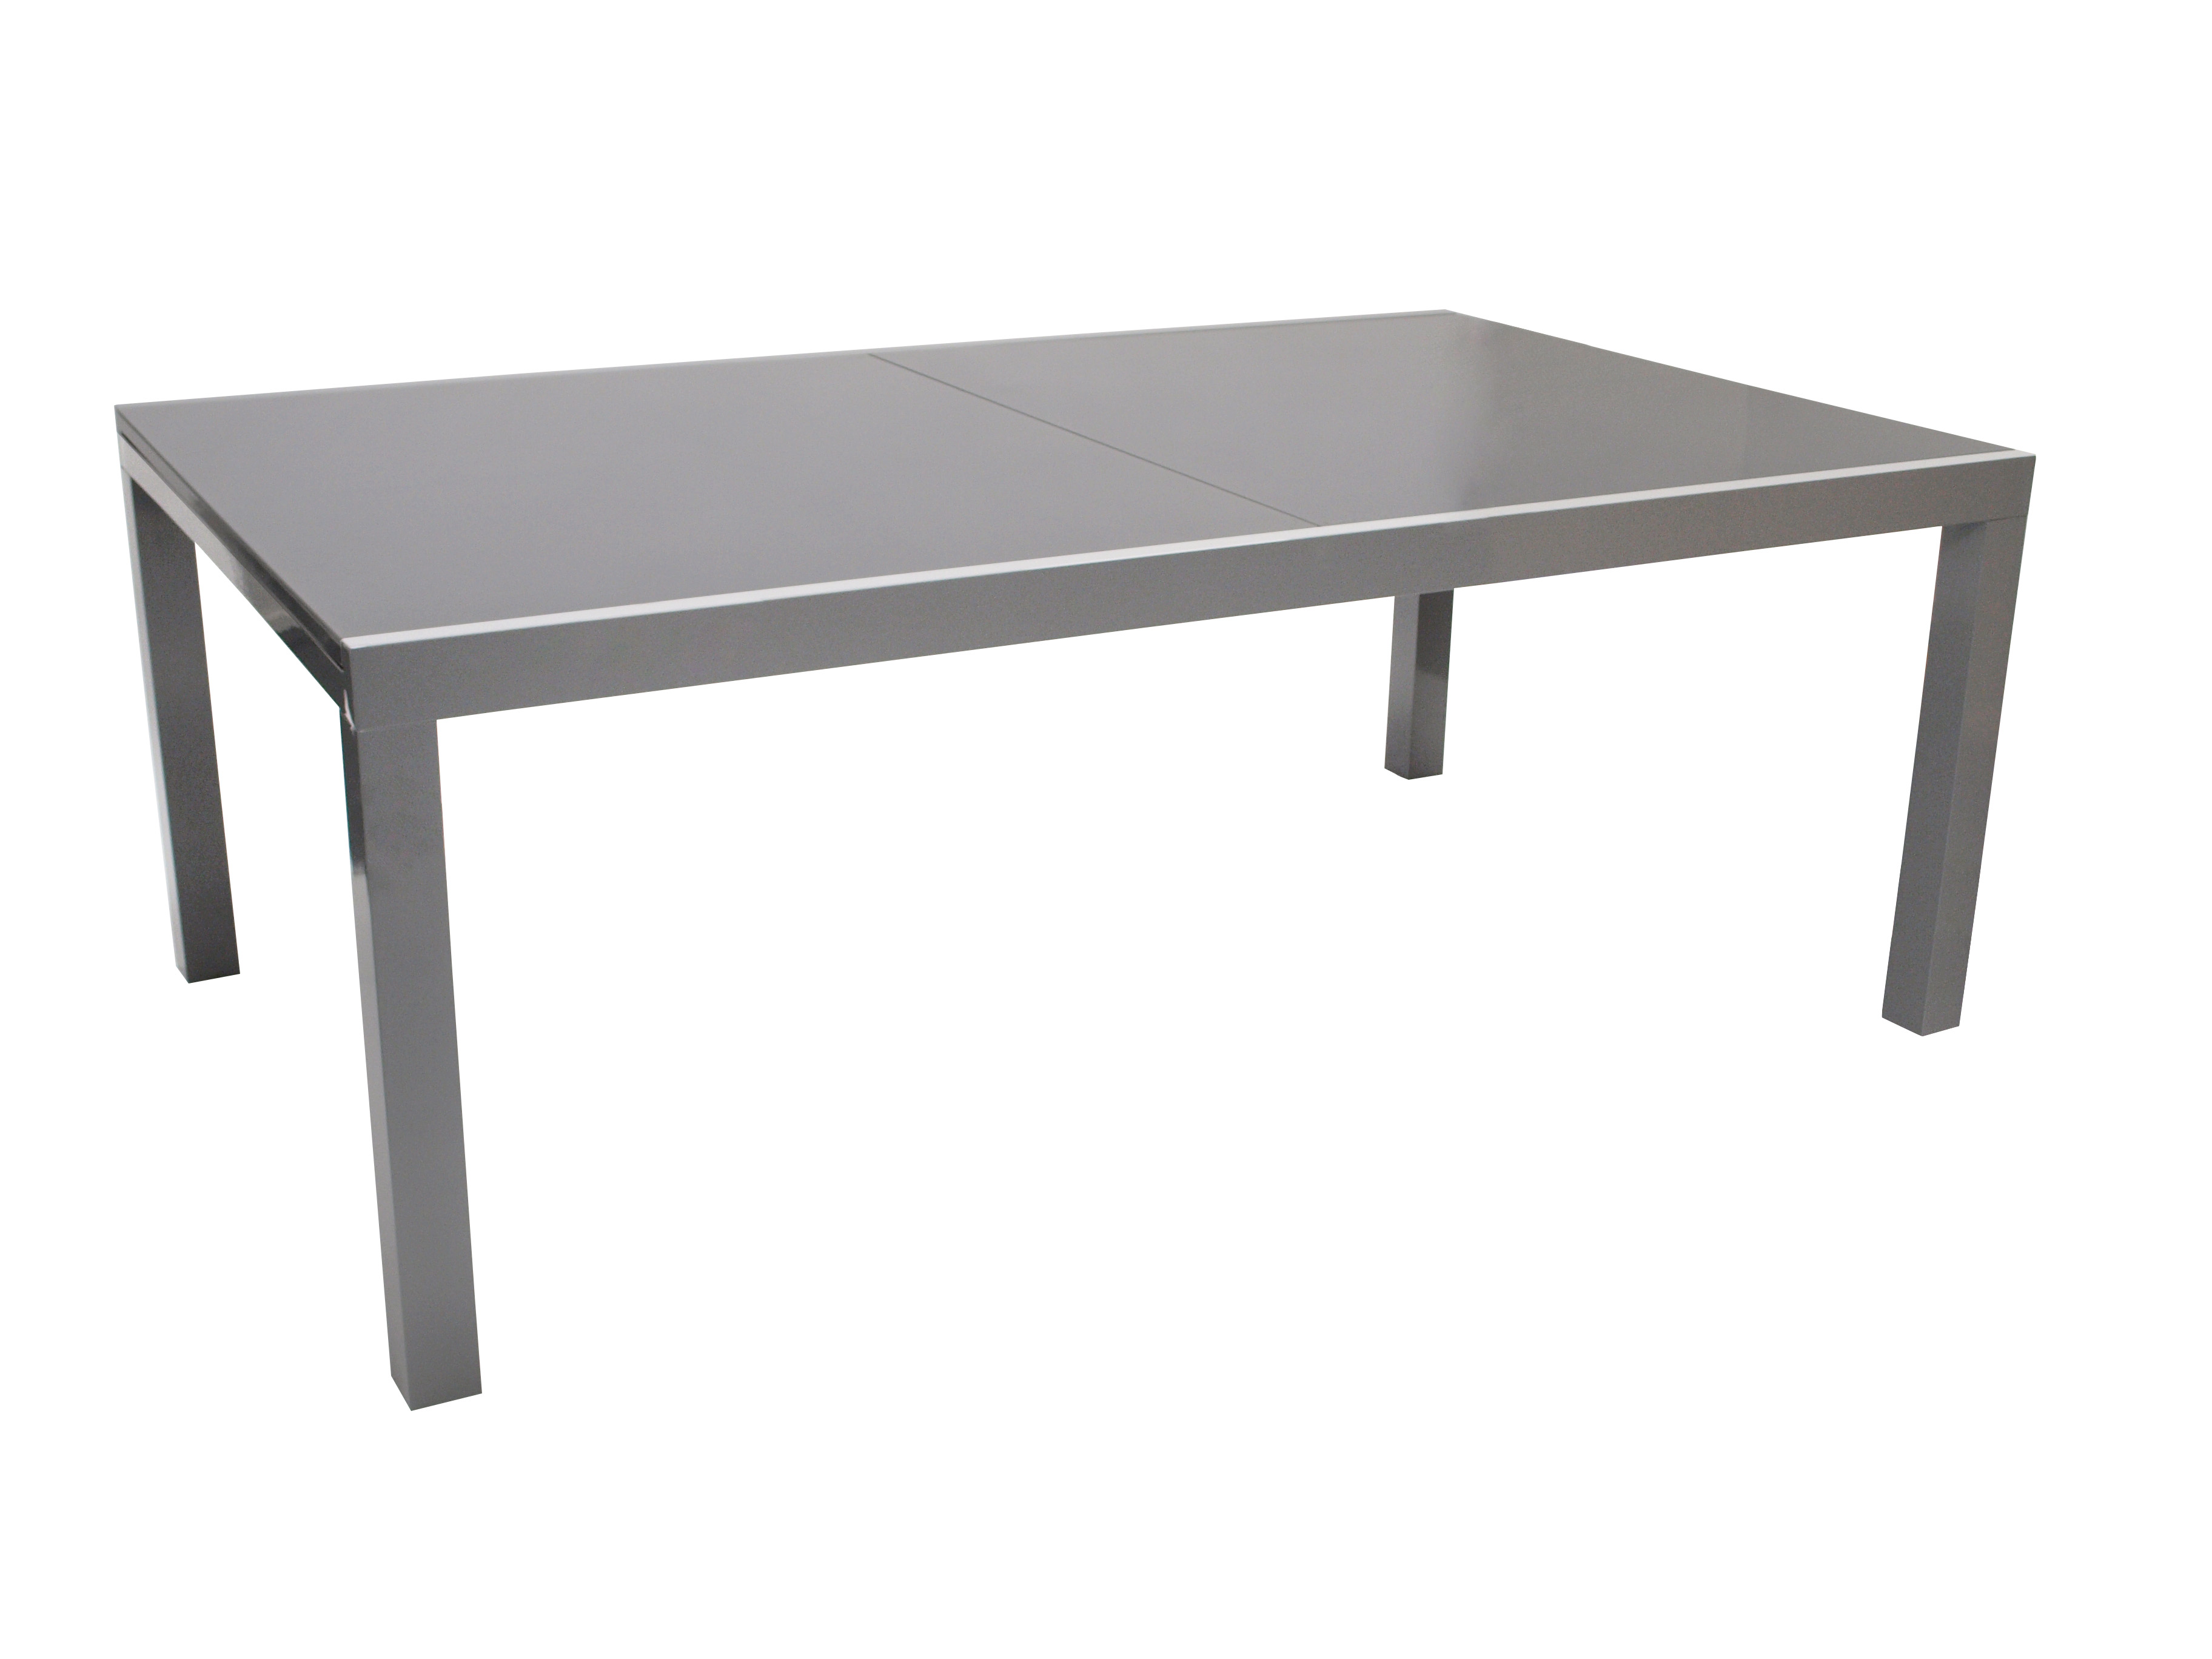 Gartentisch ausziehtisch gartenm bel tisch glastisch marina alu glas 300x110cm ebay - Gartentisch alu glas ...